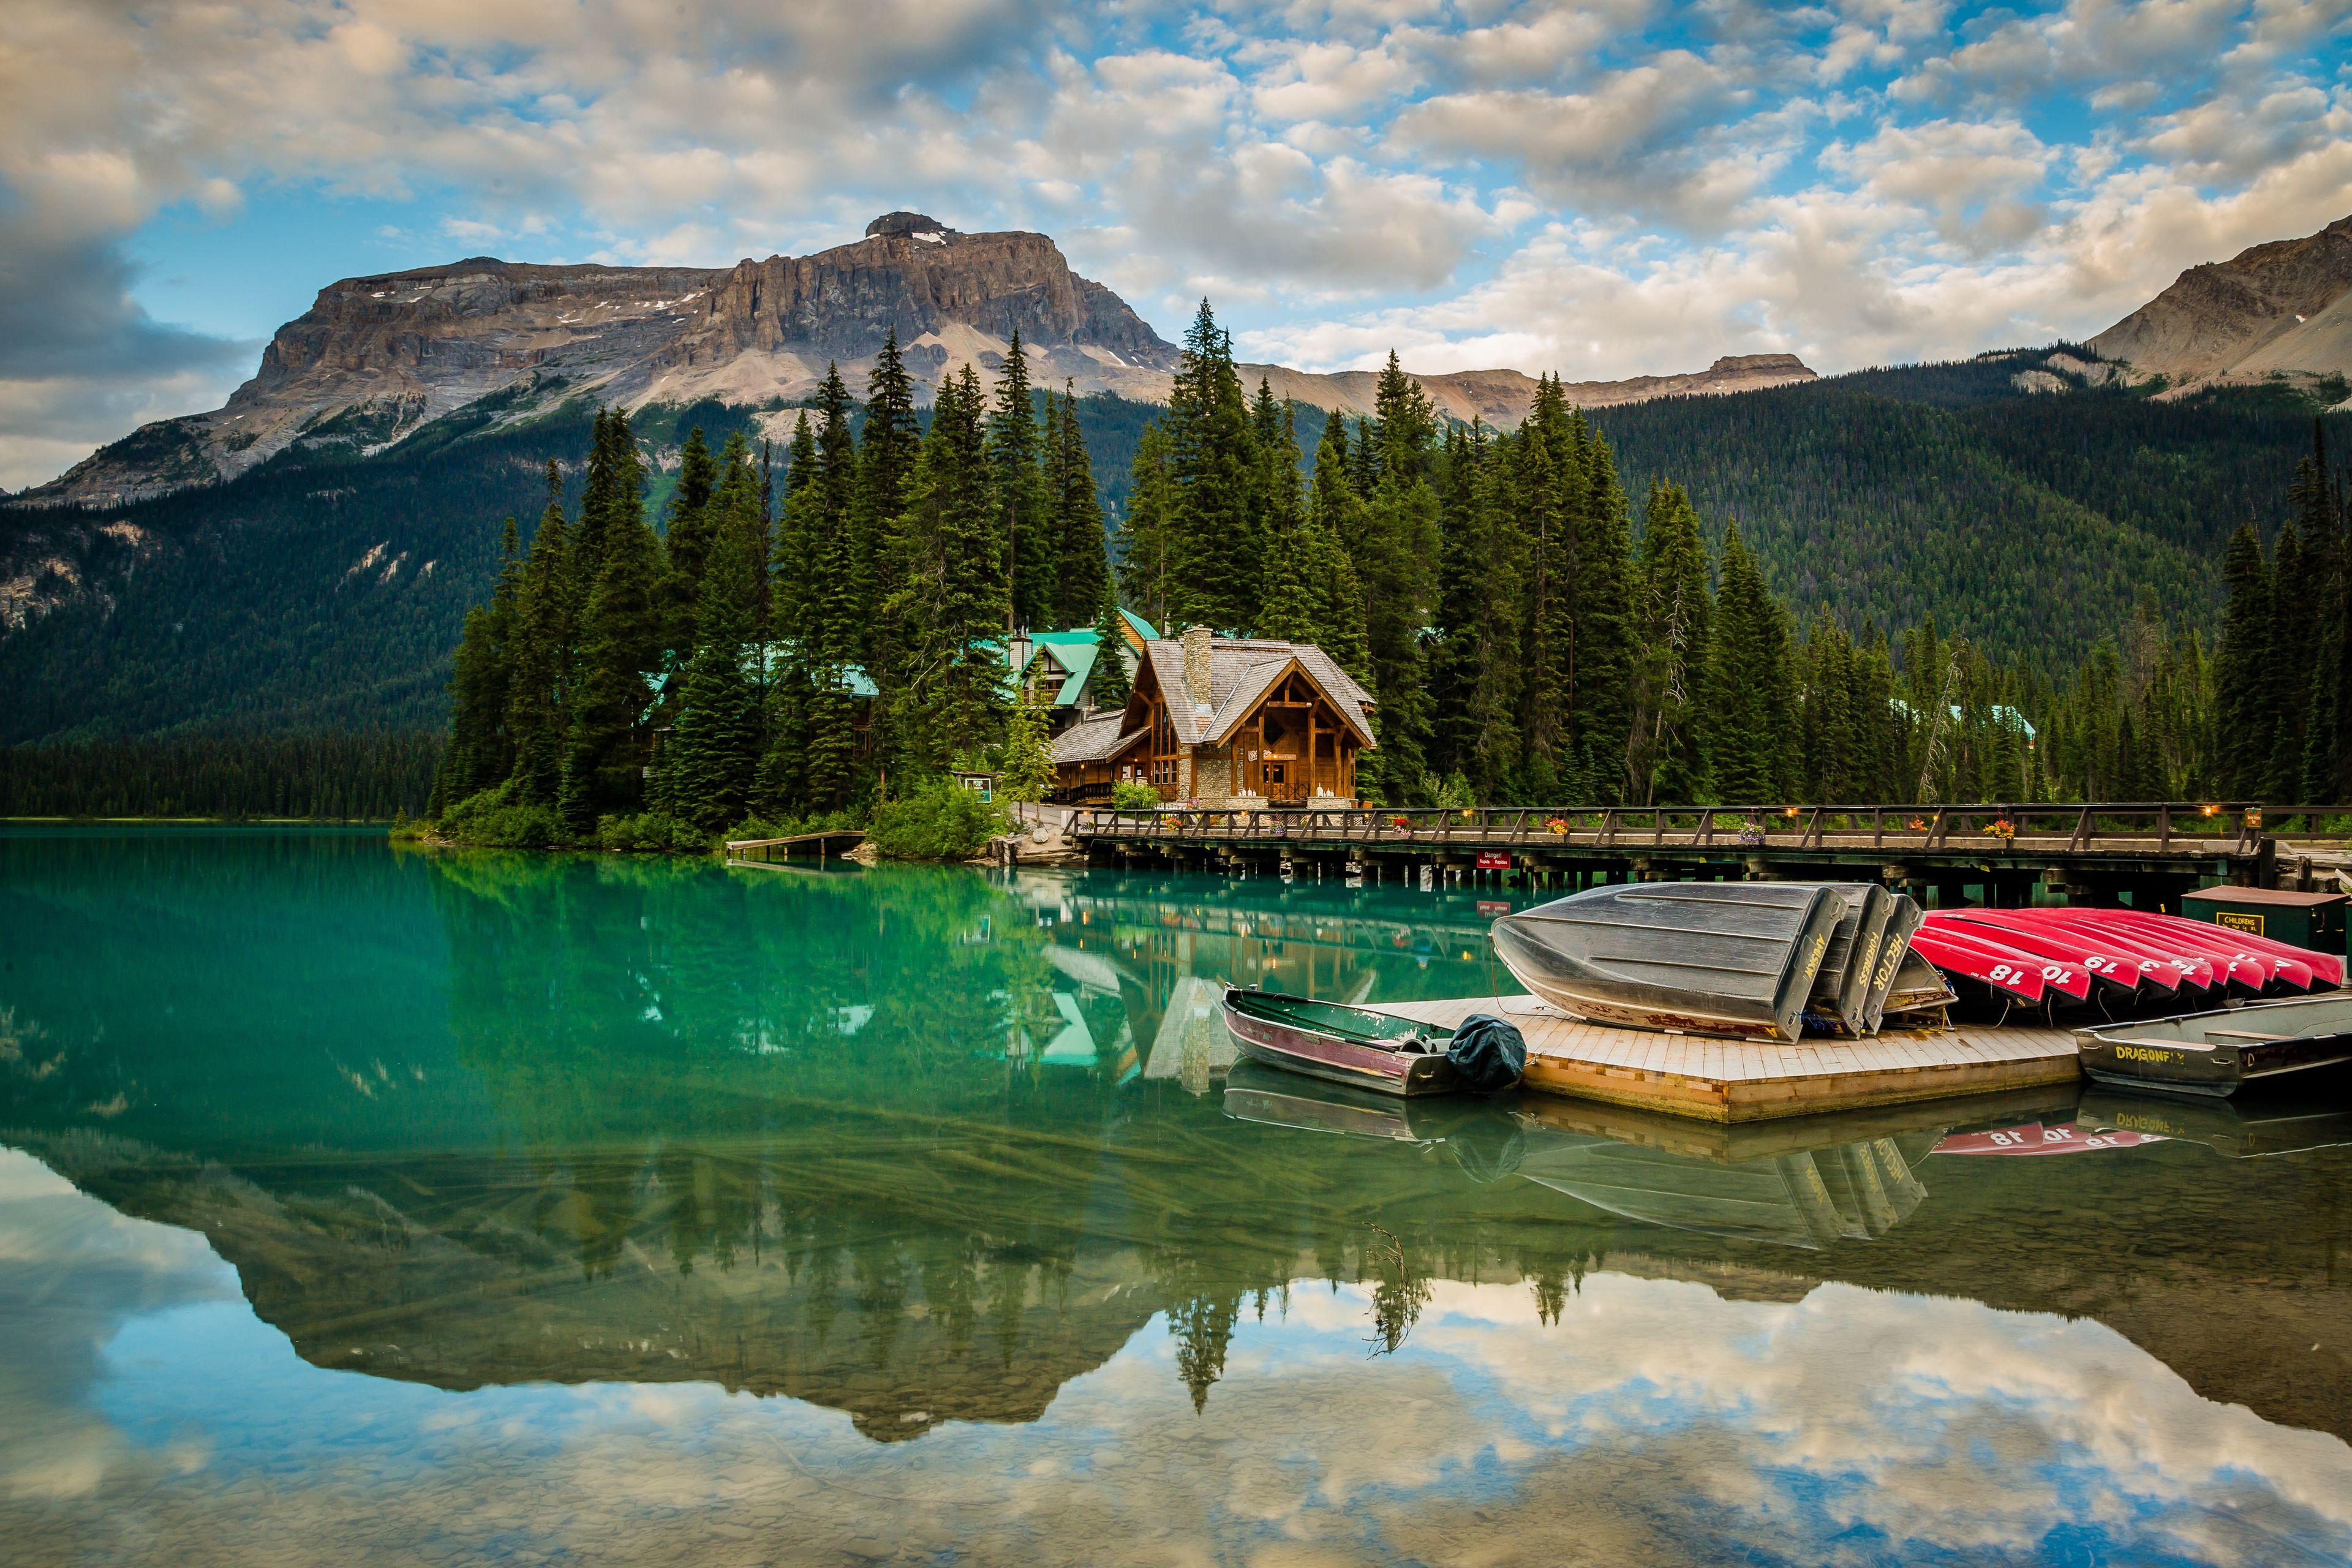 Courtesy of Emerald Lake Lodge / Expedia.com